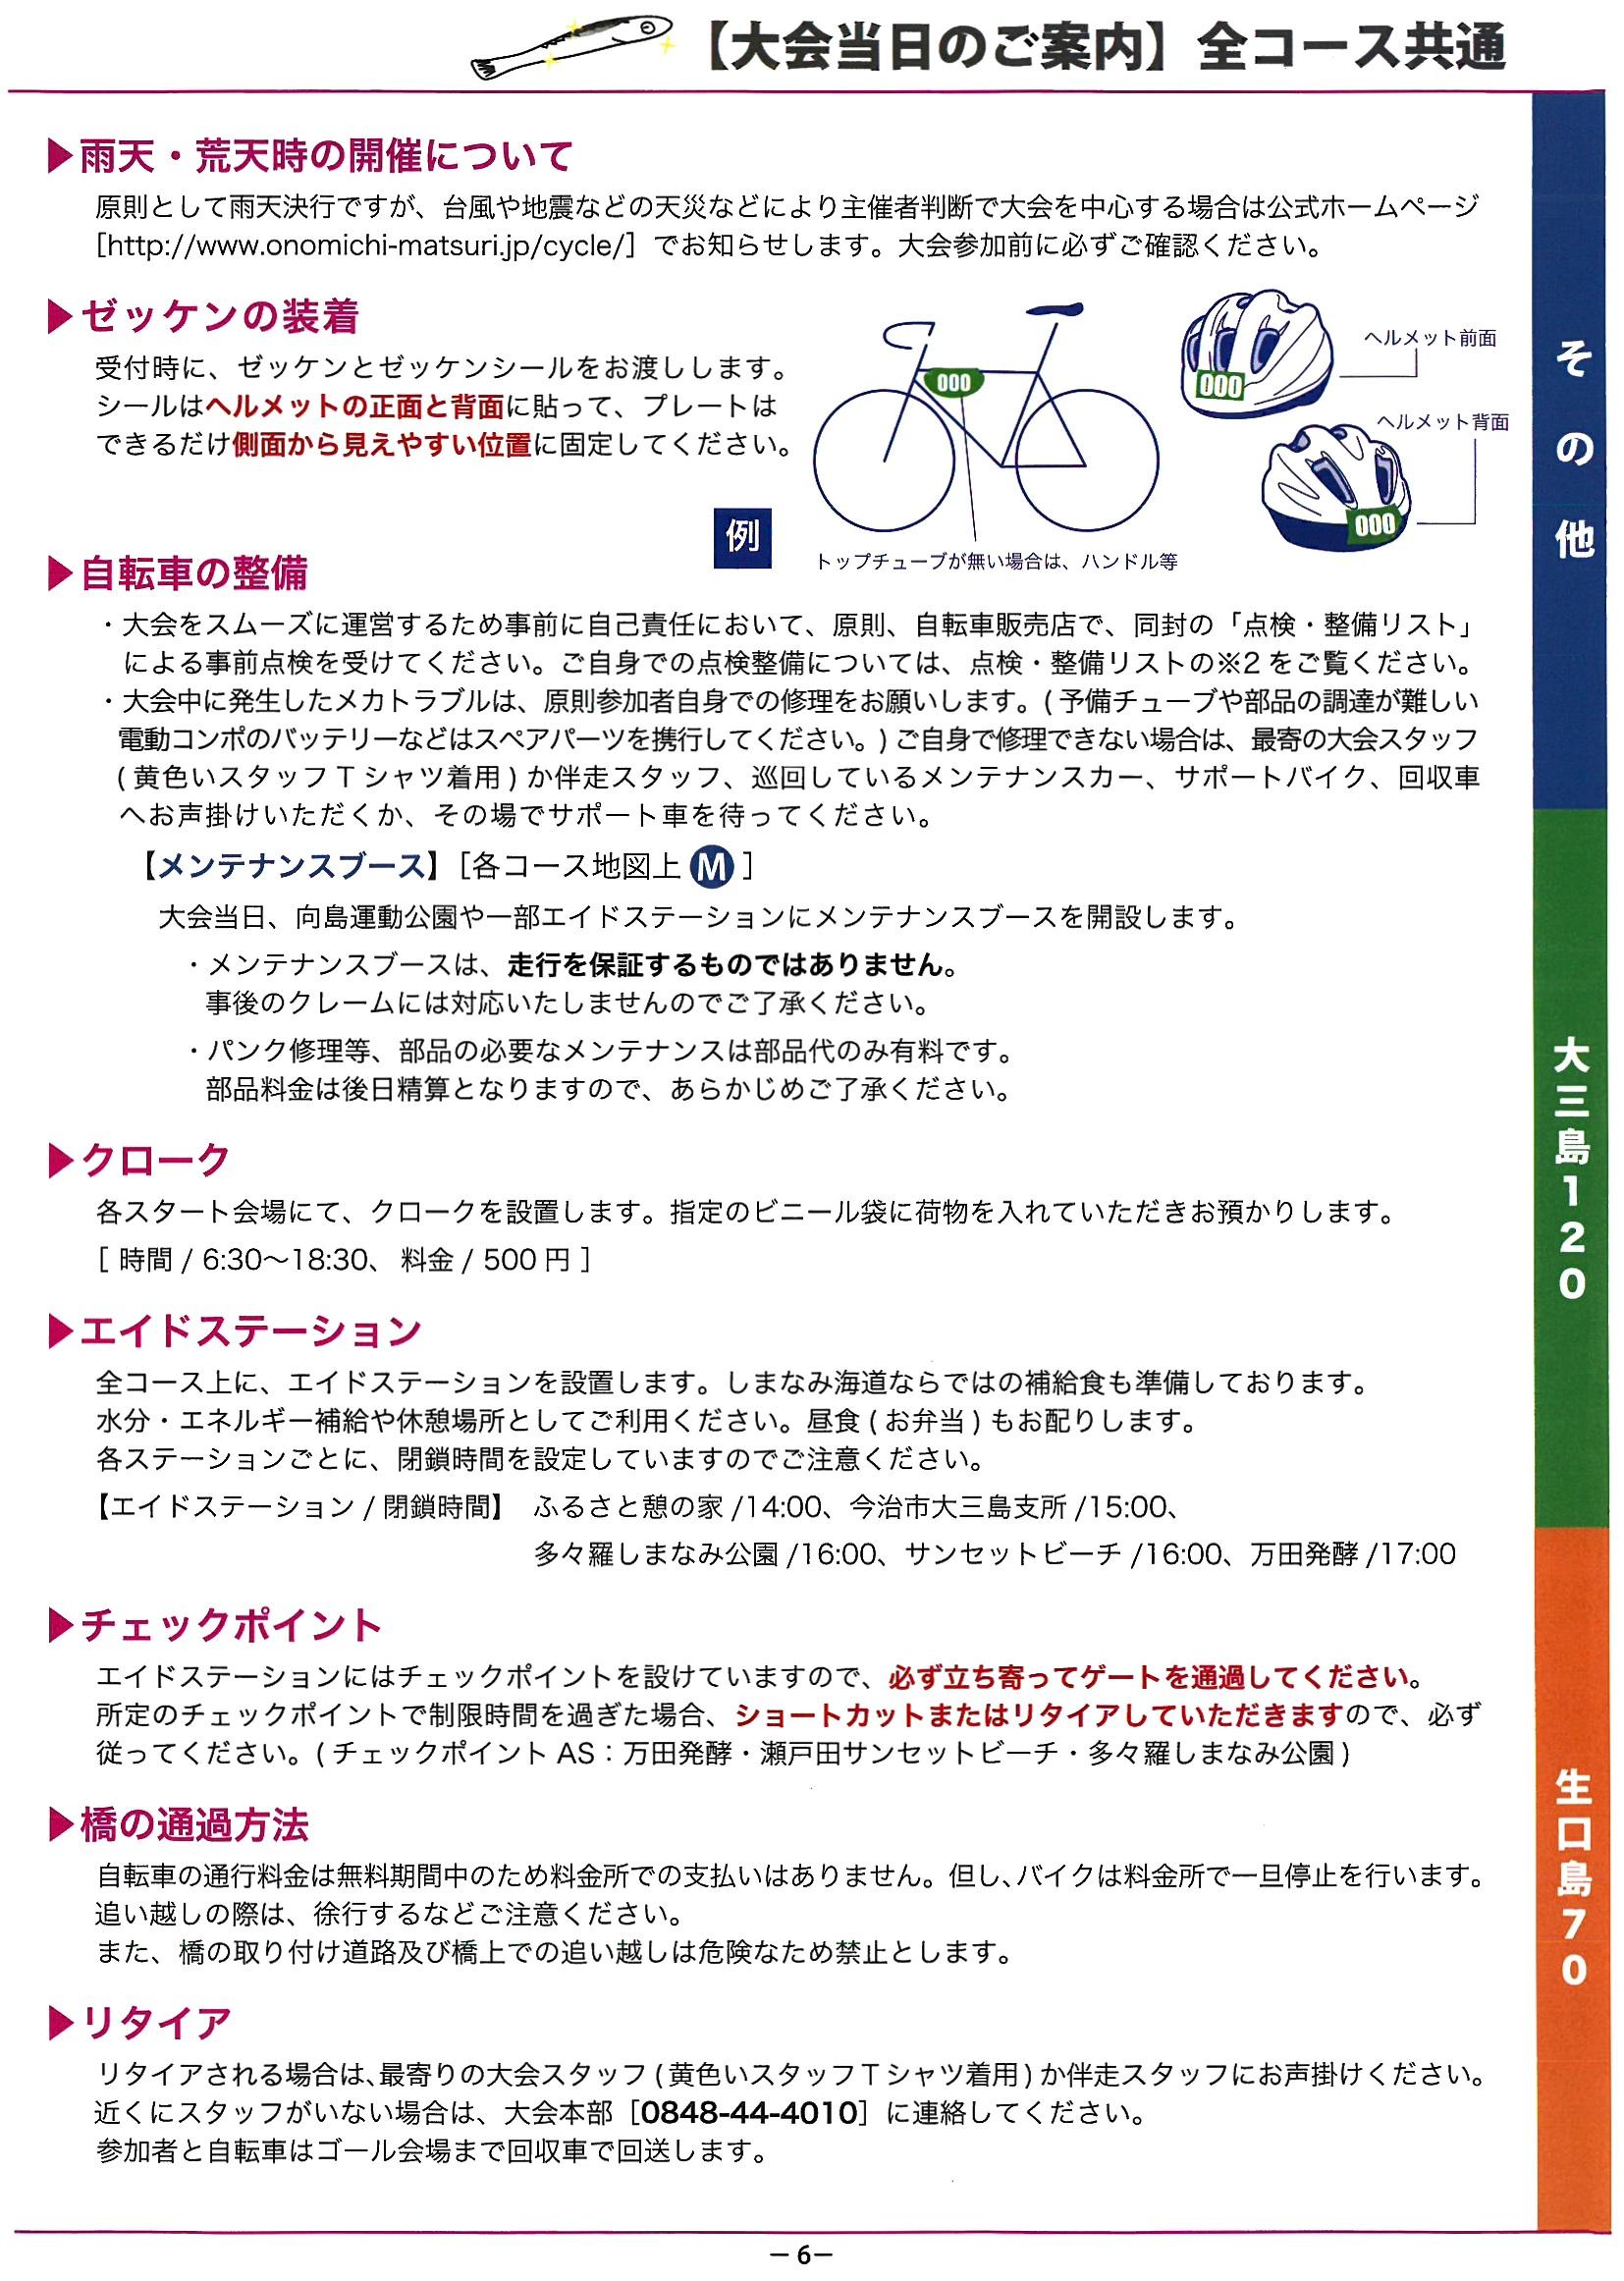 「銀パラ2015」参加者ガイドブック 06